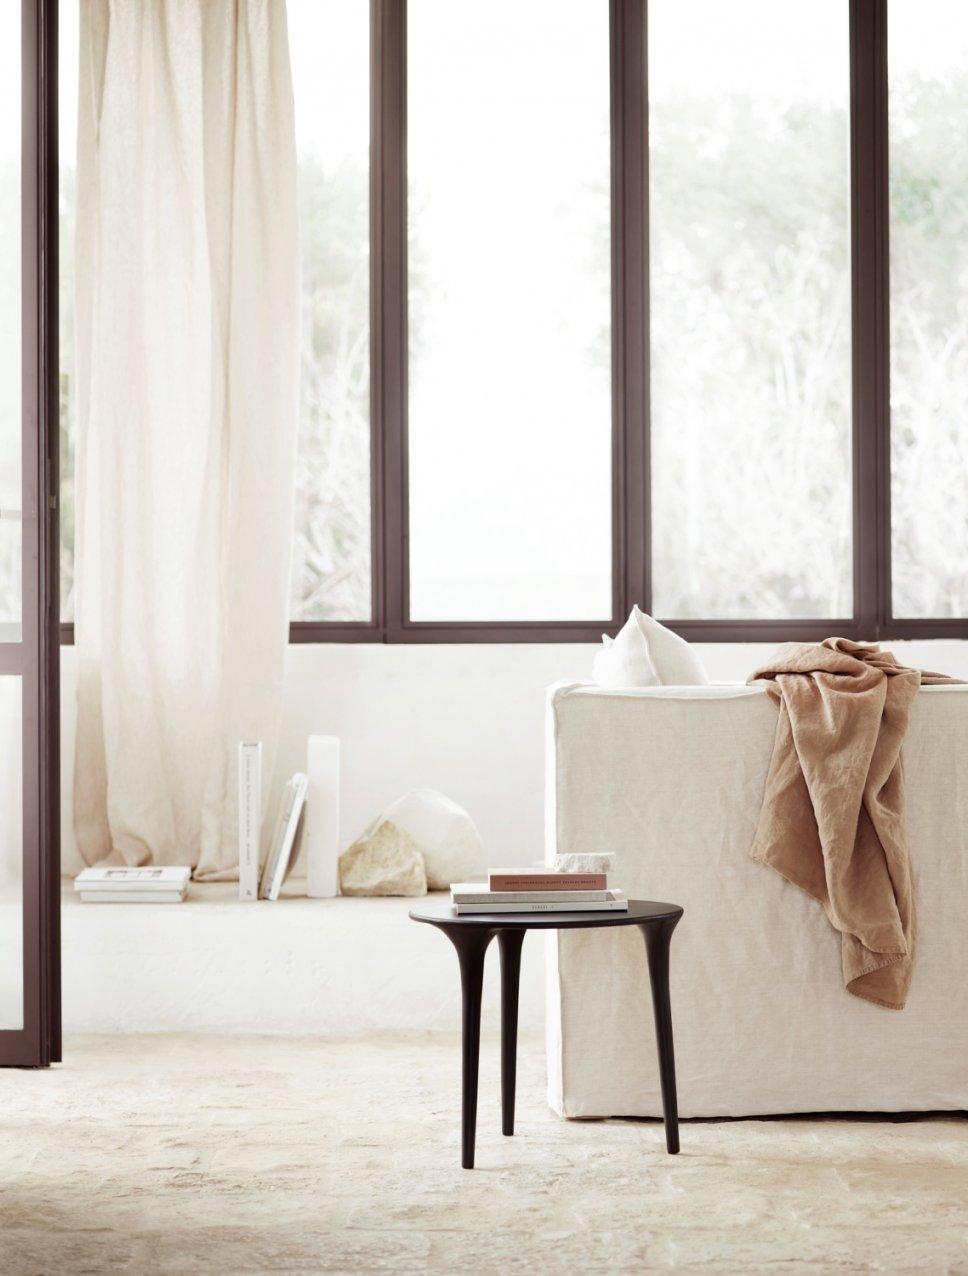 Modernes Wohnzimmer mit weißem Sessel und schwarzem Beistelltisch in mediterranem Haus mit Steinboden